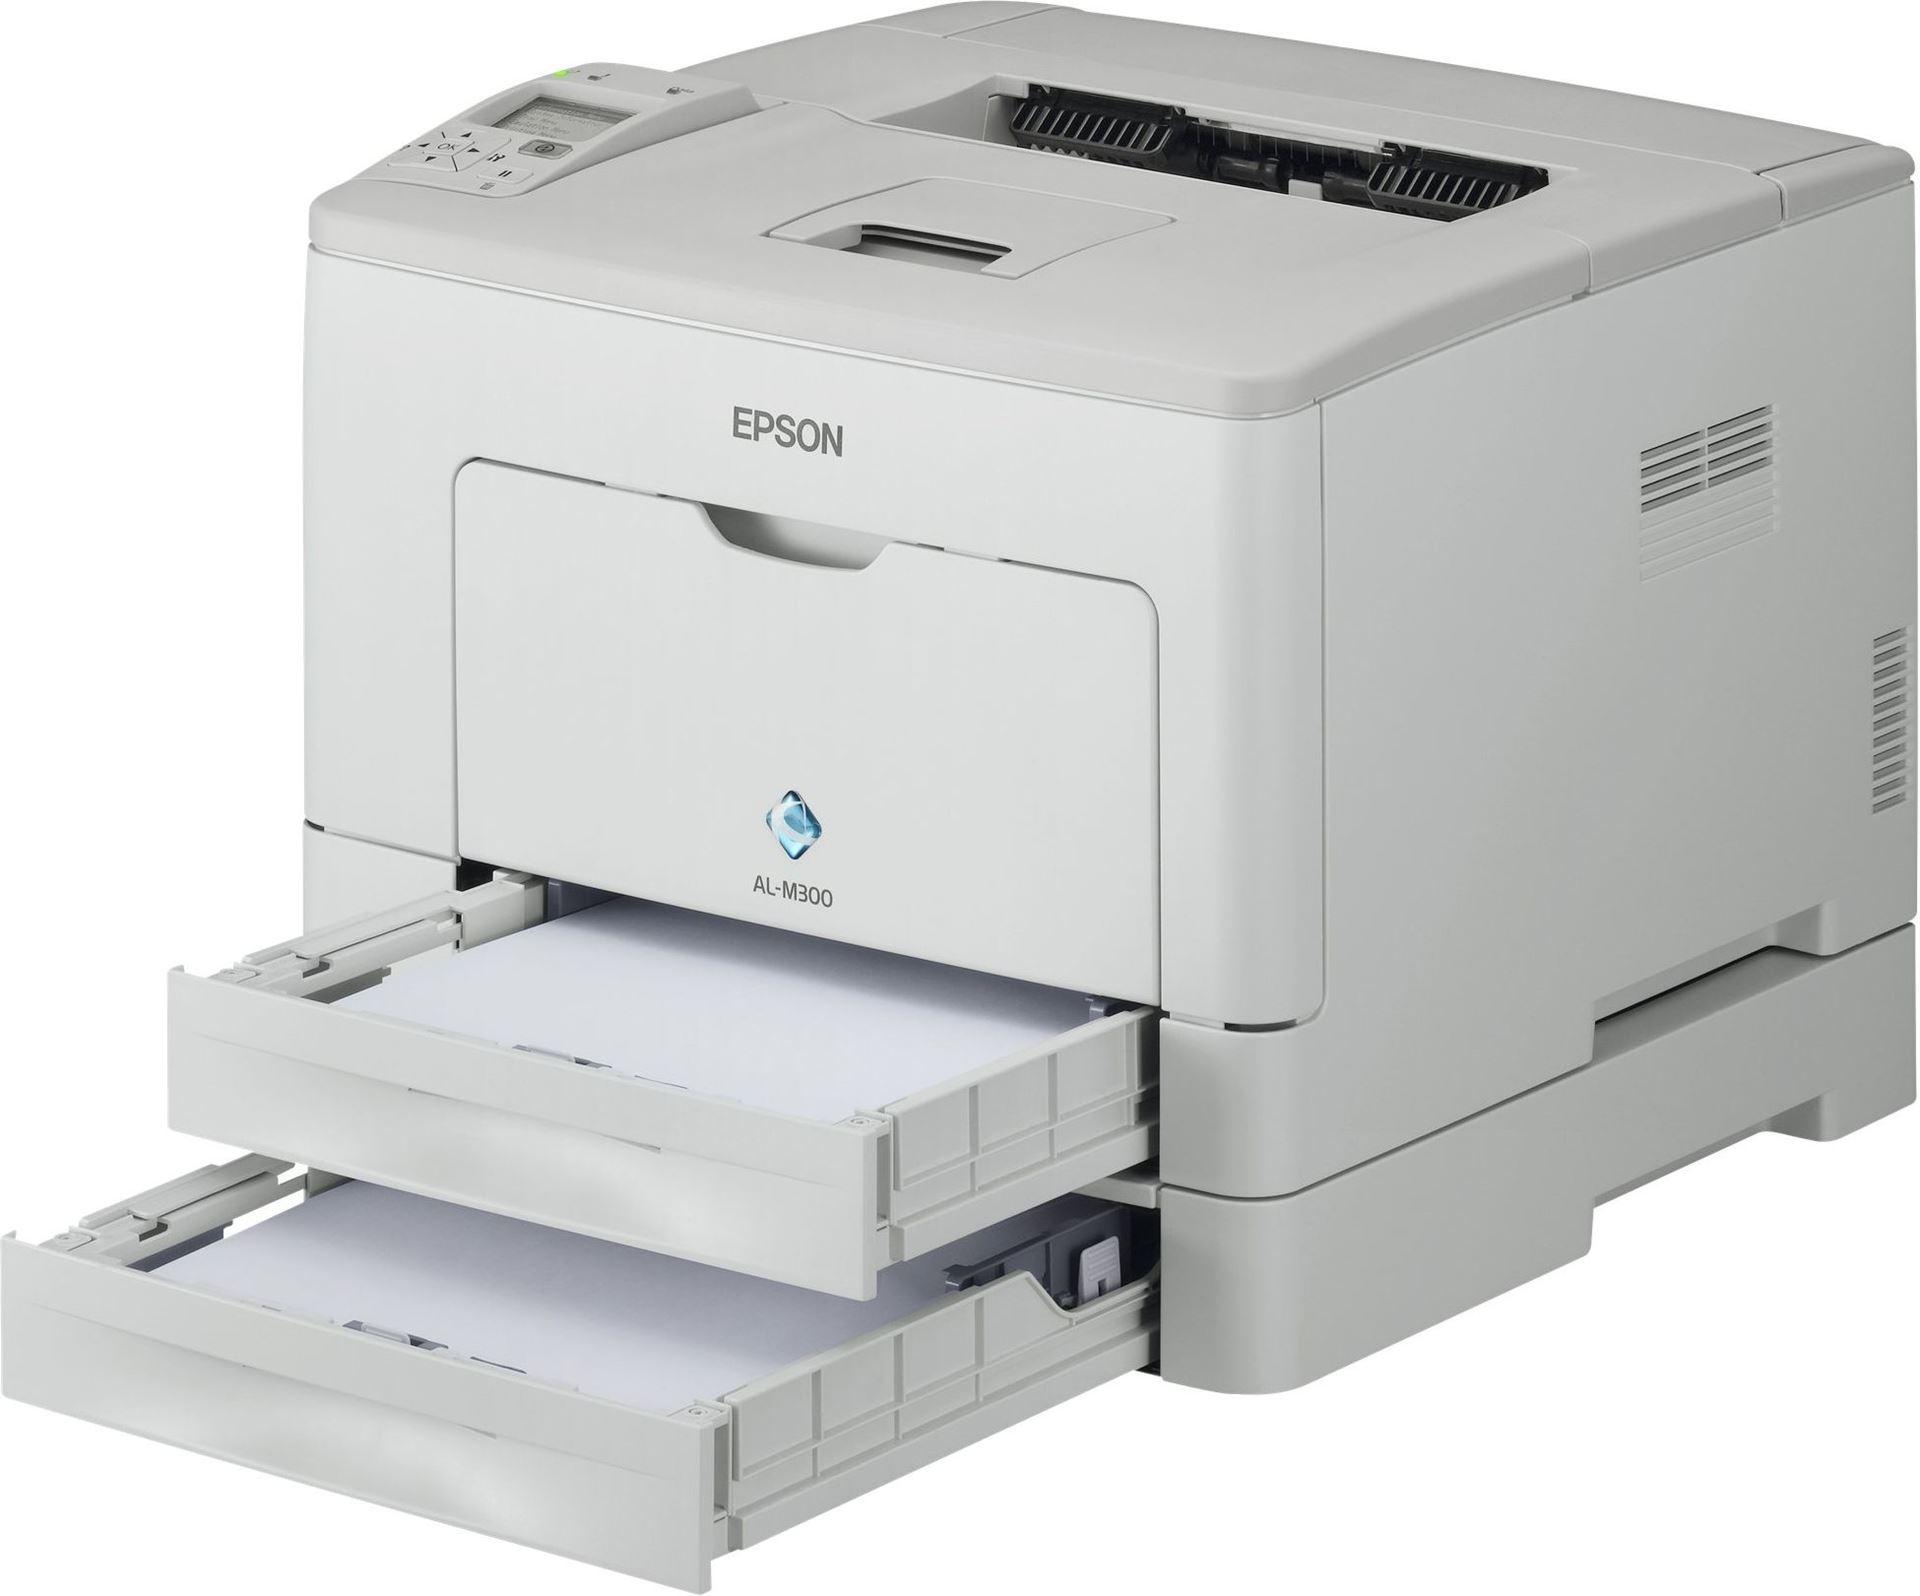 Xerox Phaser 4622DN, ČB las. tiskárna A4, 62 PPM